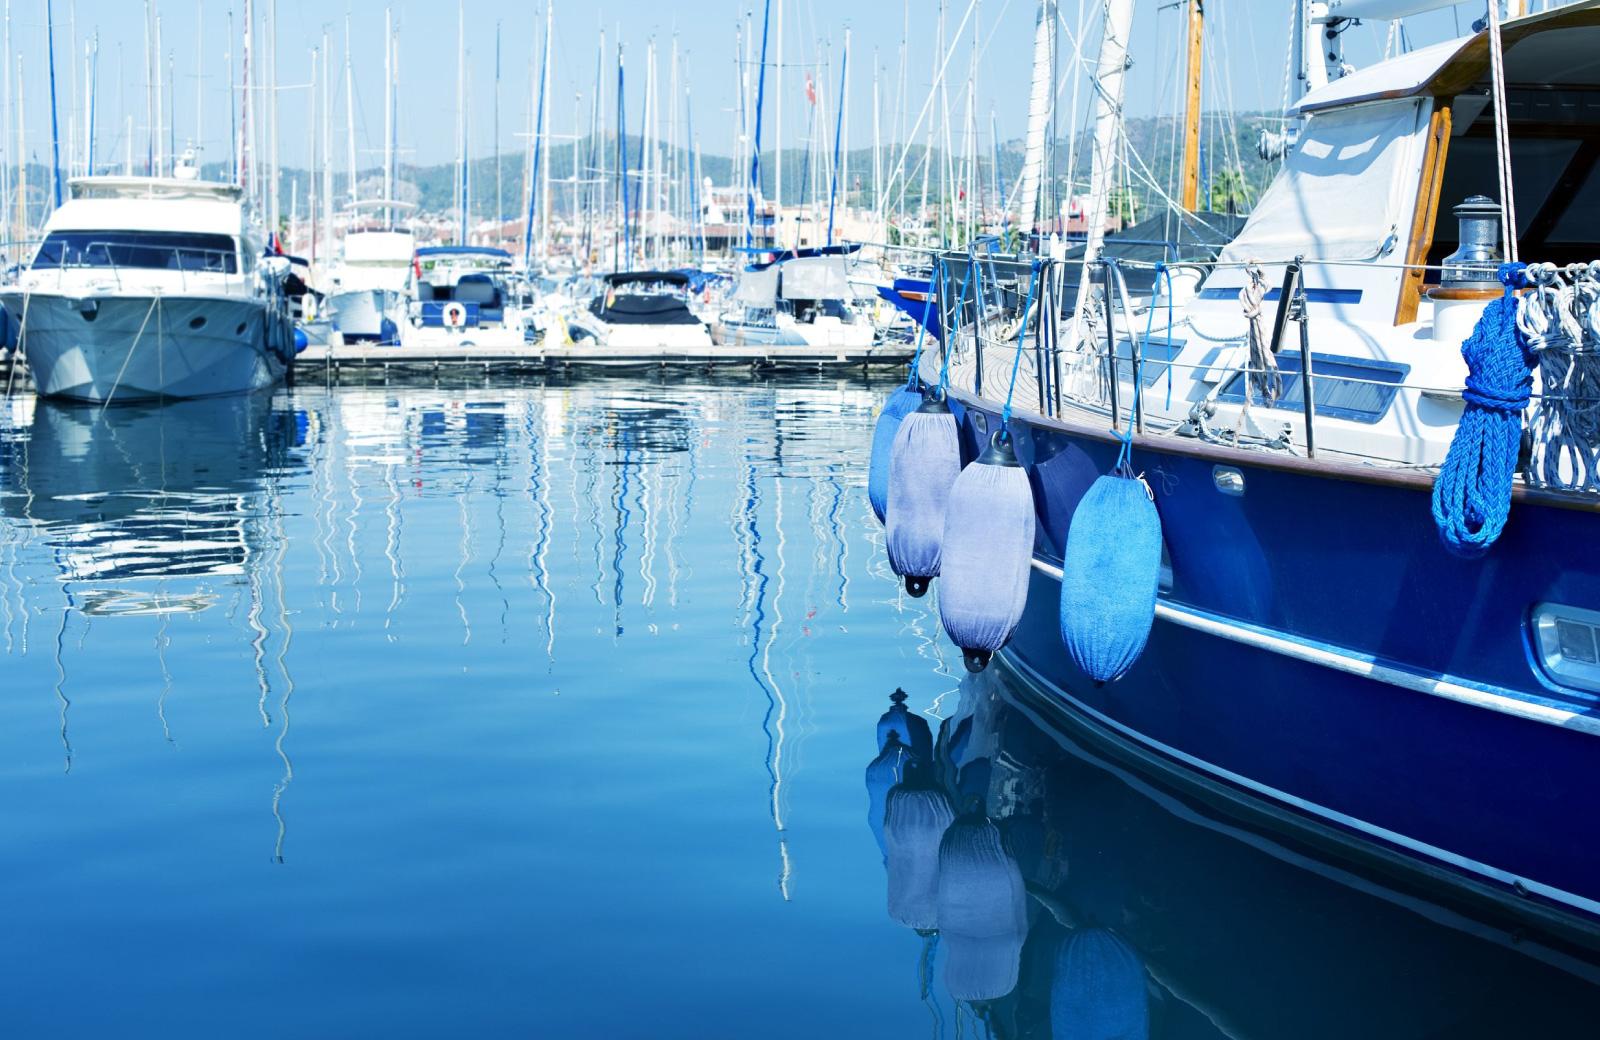 yachts on marina